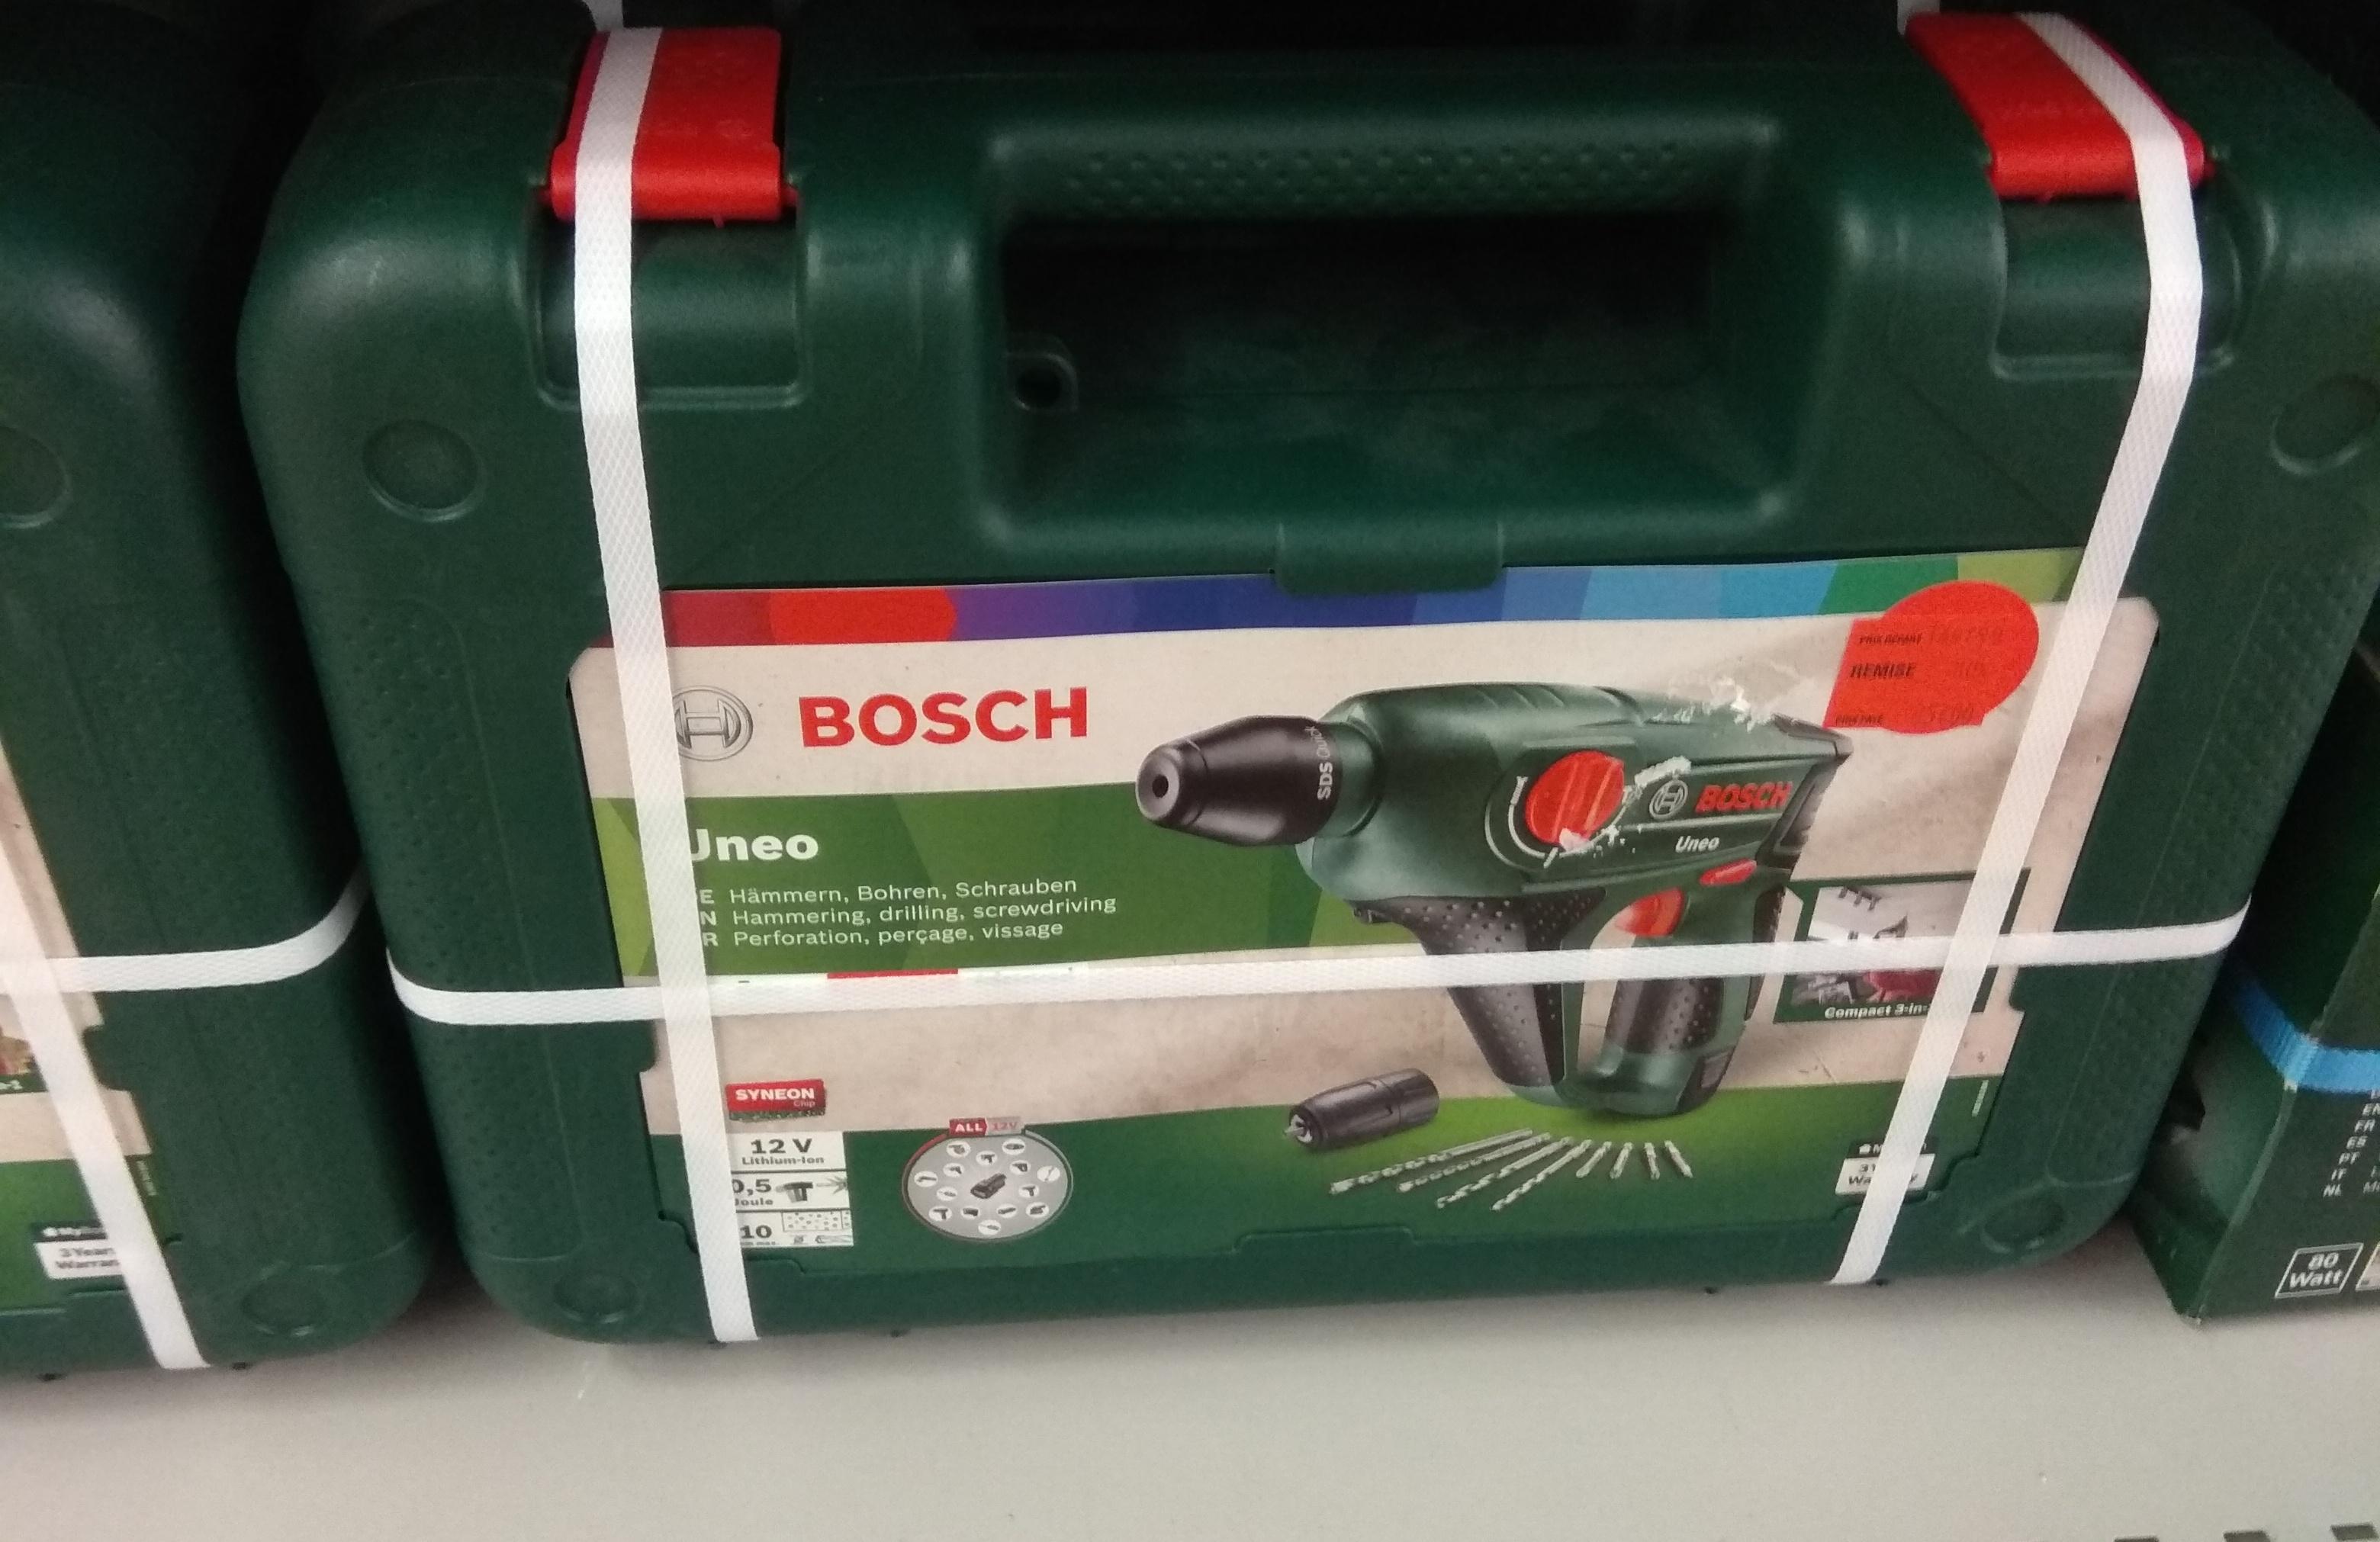 Perforateur sans fil 12V Bosch Uneo - Carrefour de Charleville-Mézières (08)